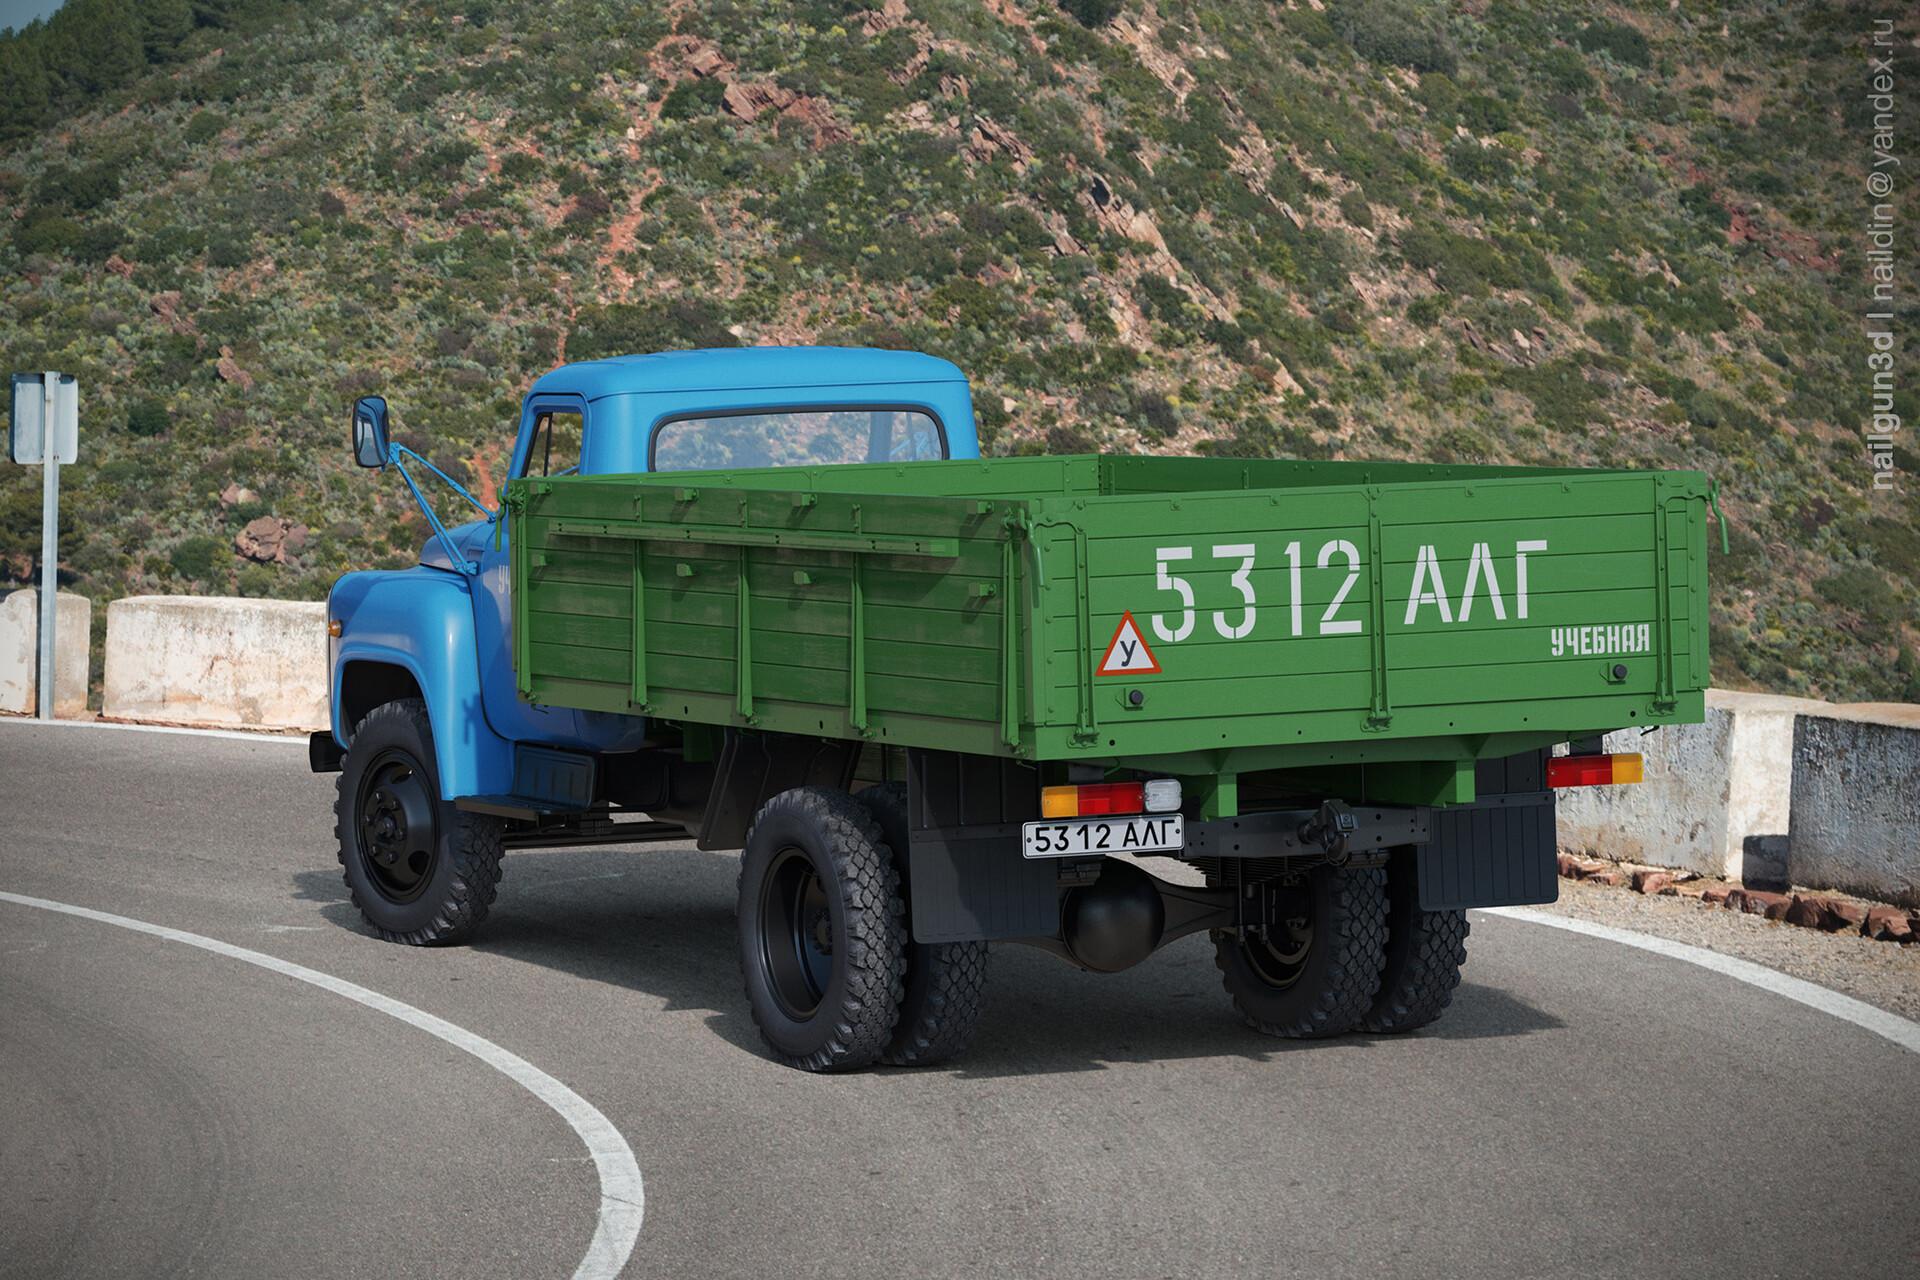 Nail khusnutdinov alg 048 010 gaz 53 12 rear view 3x